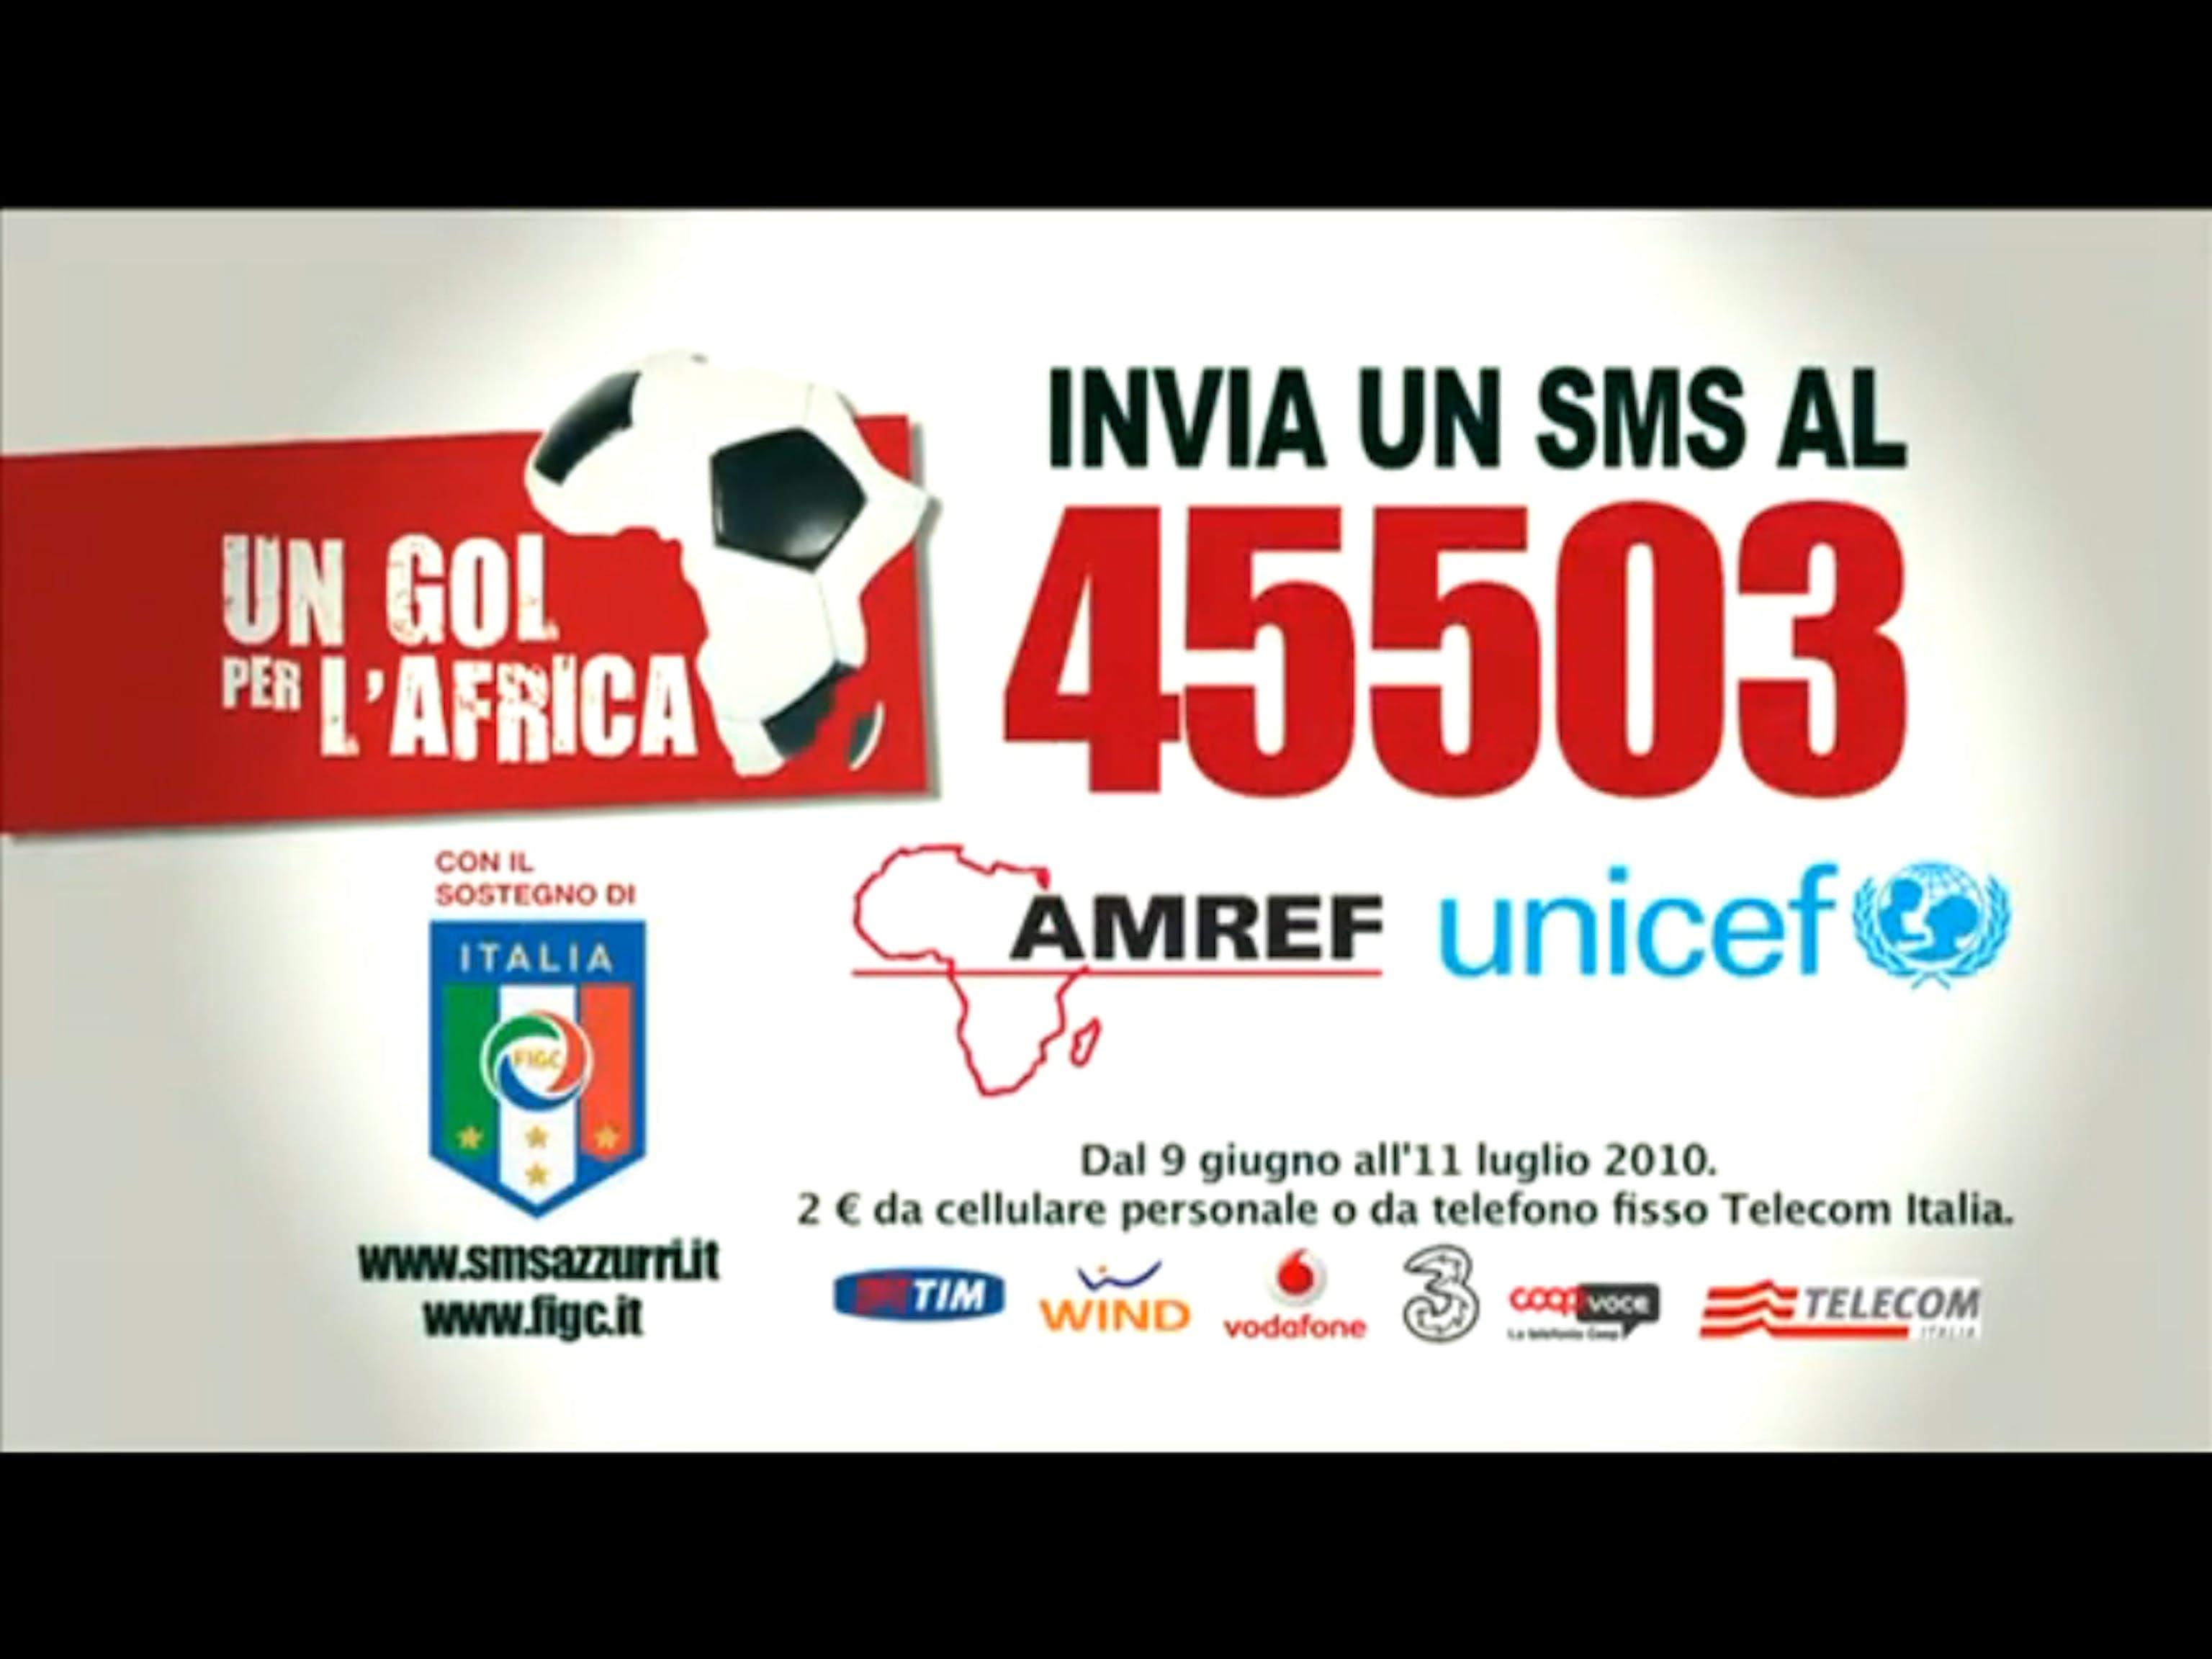 Un gol per l'Africa con SMS solidale 45503